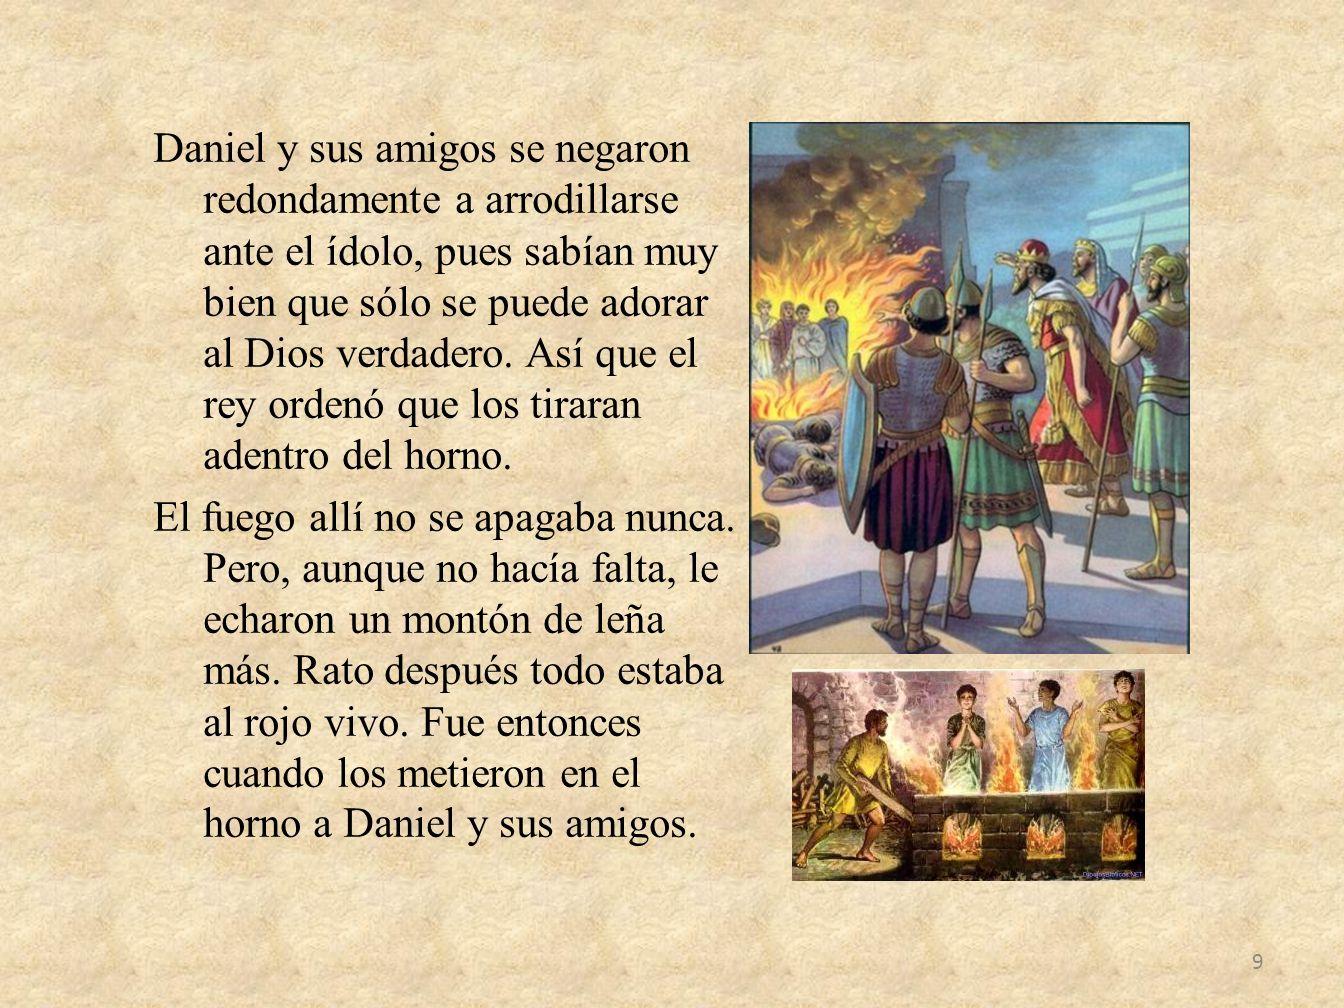 Daniel y sus amigos se negaron redondamente a arrodillarse ante el ídolo, pues sabían muy bien que sólo se puede adorar al Dios verdadero.